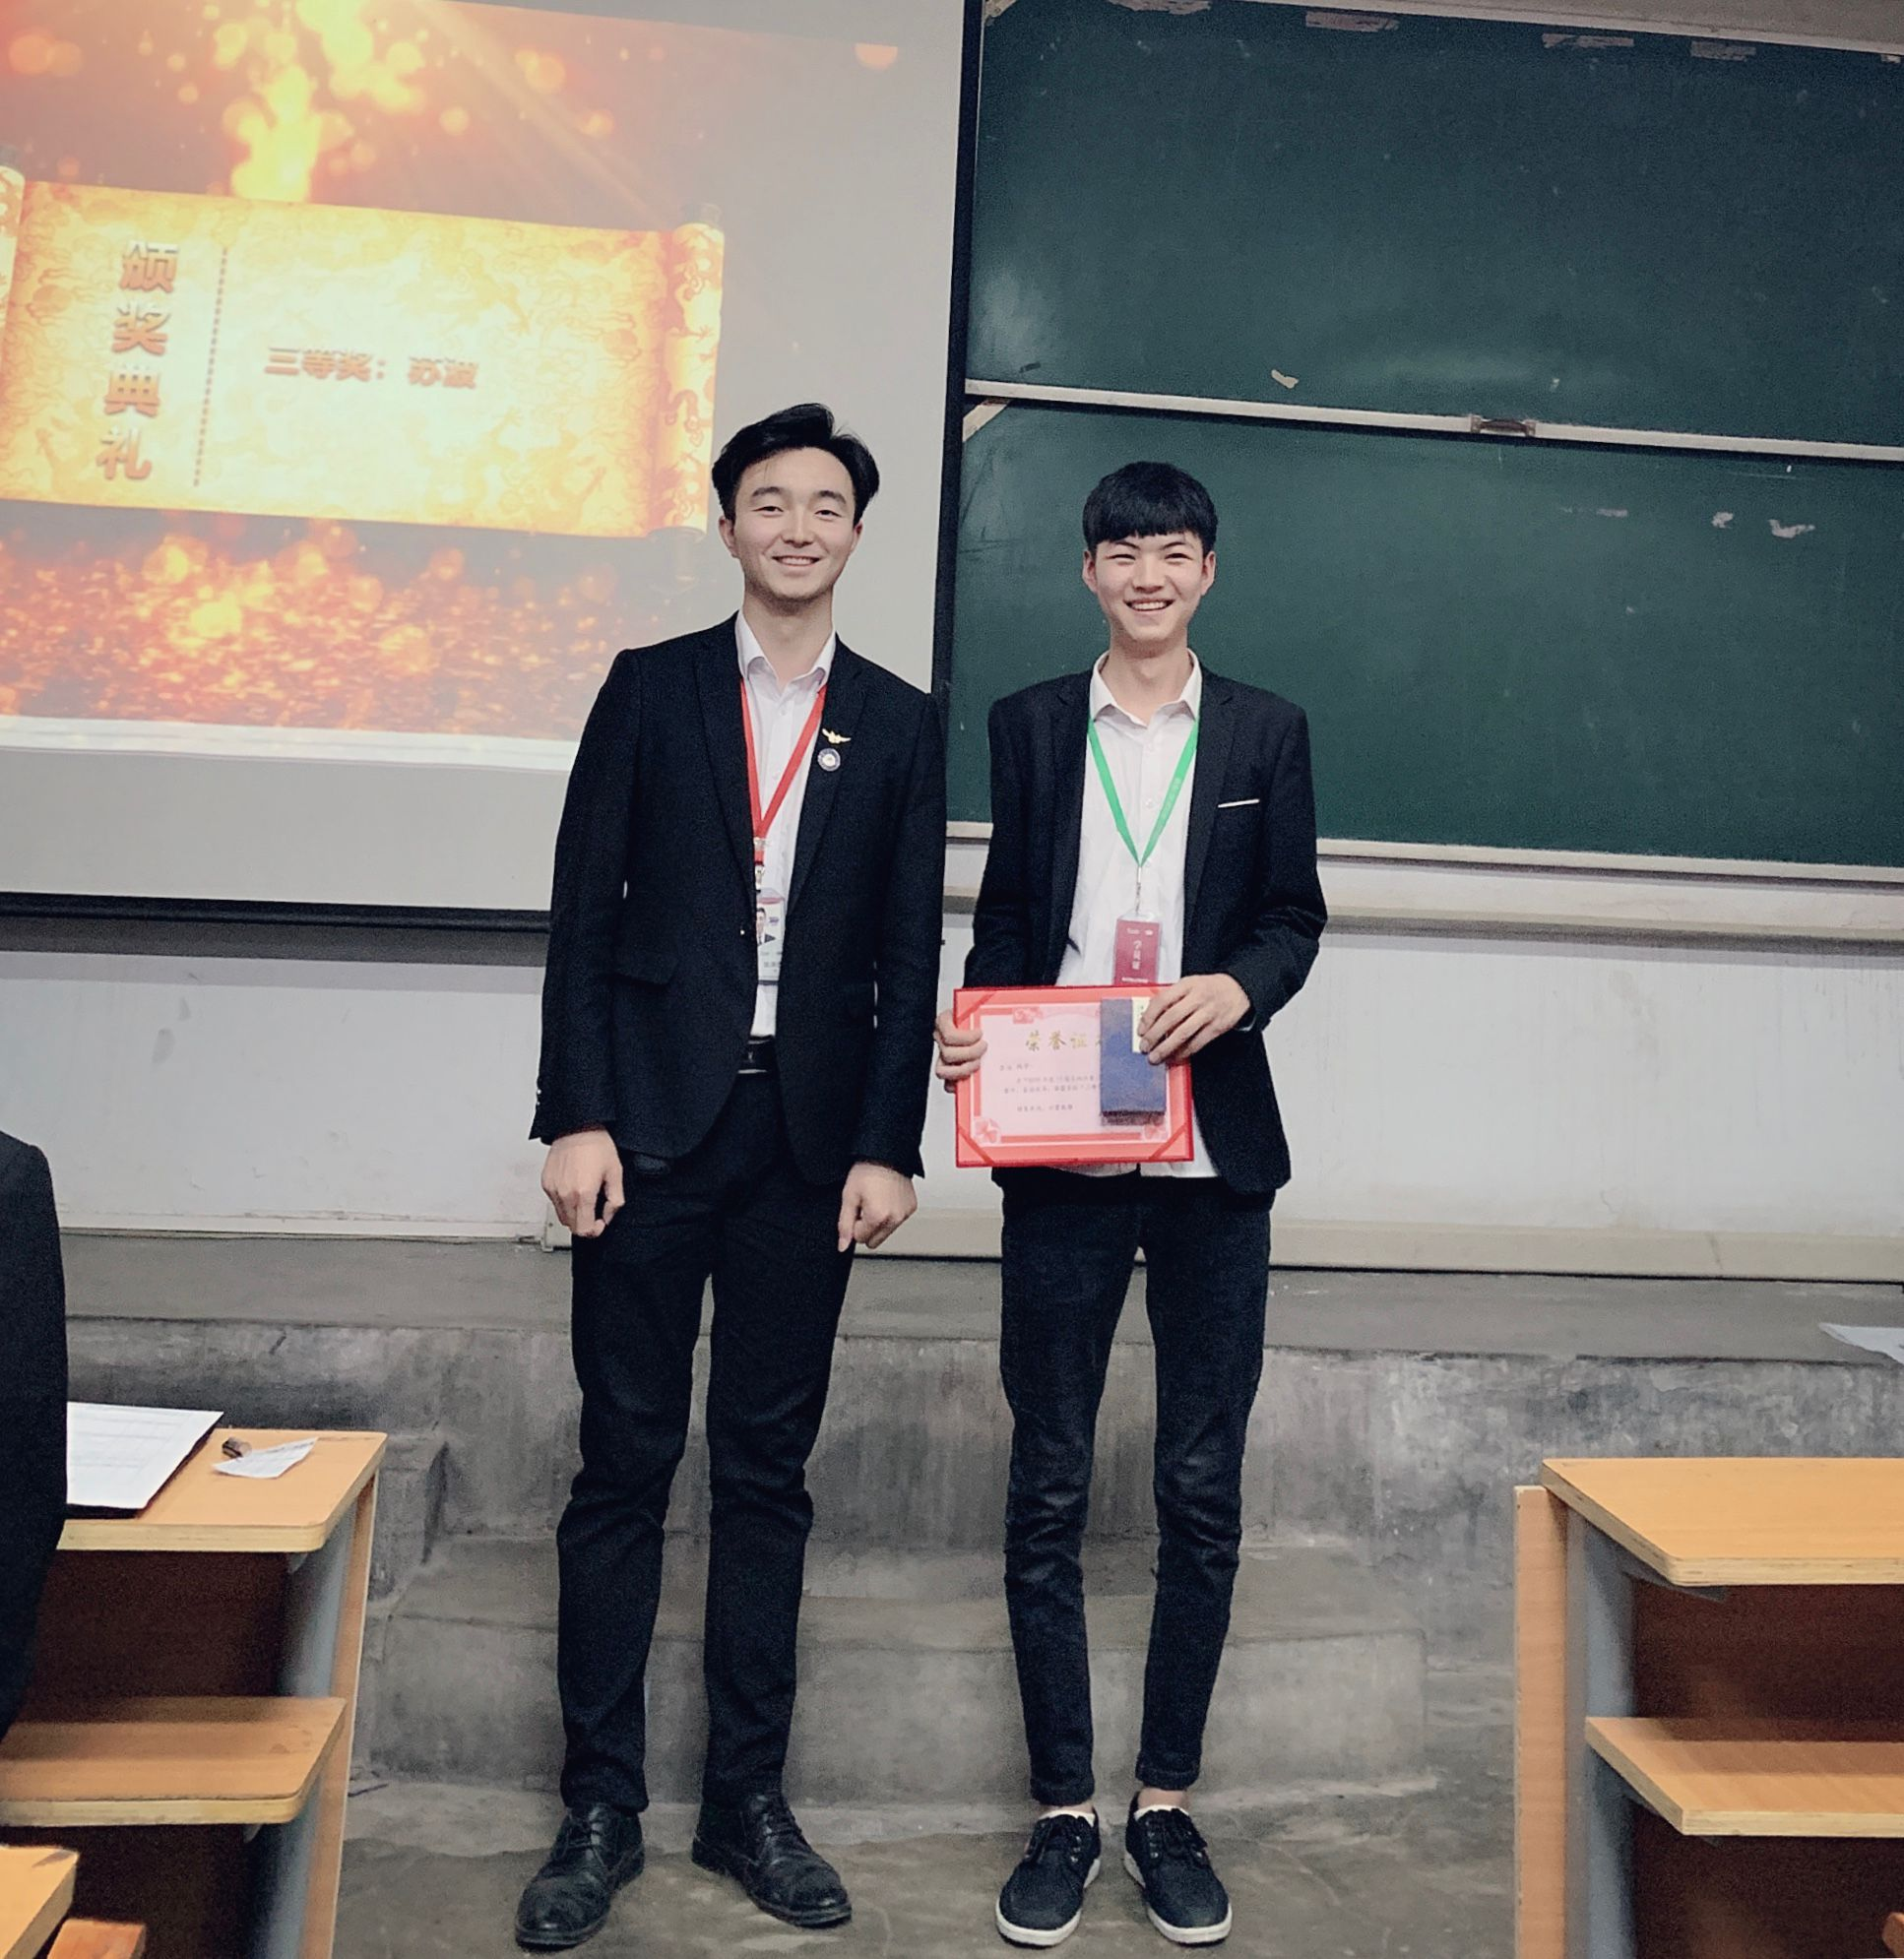 TIM三等奖图片20190508105737.jpg